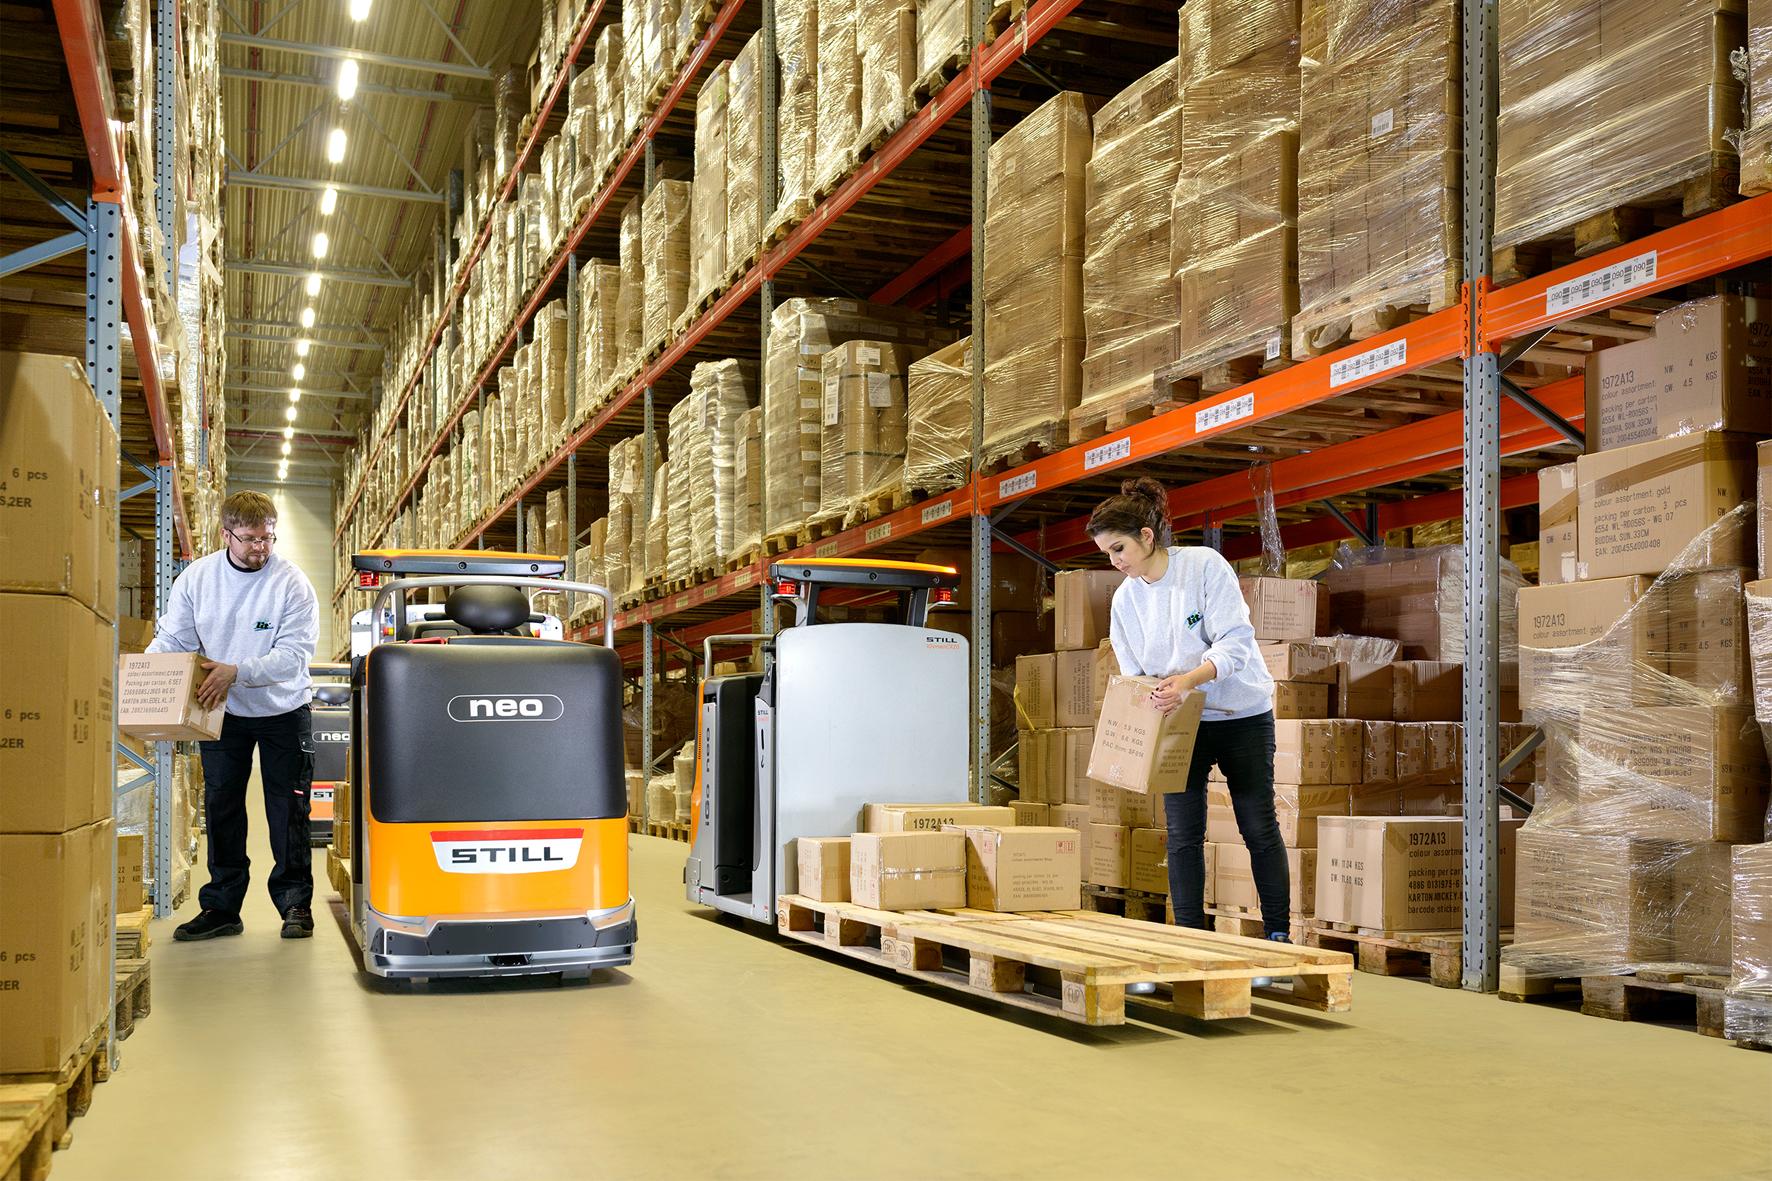 Je nach Wunsch des Bedieners fährt das Gerät ergonomisch bis zur ersten oder zweiten Palettenposition vor. Der Mitarbeiter muss nur noch sehr kurze Strecken selbst mit Last zurücklegen.